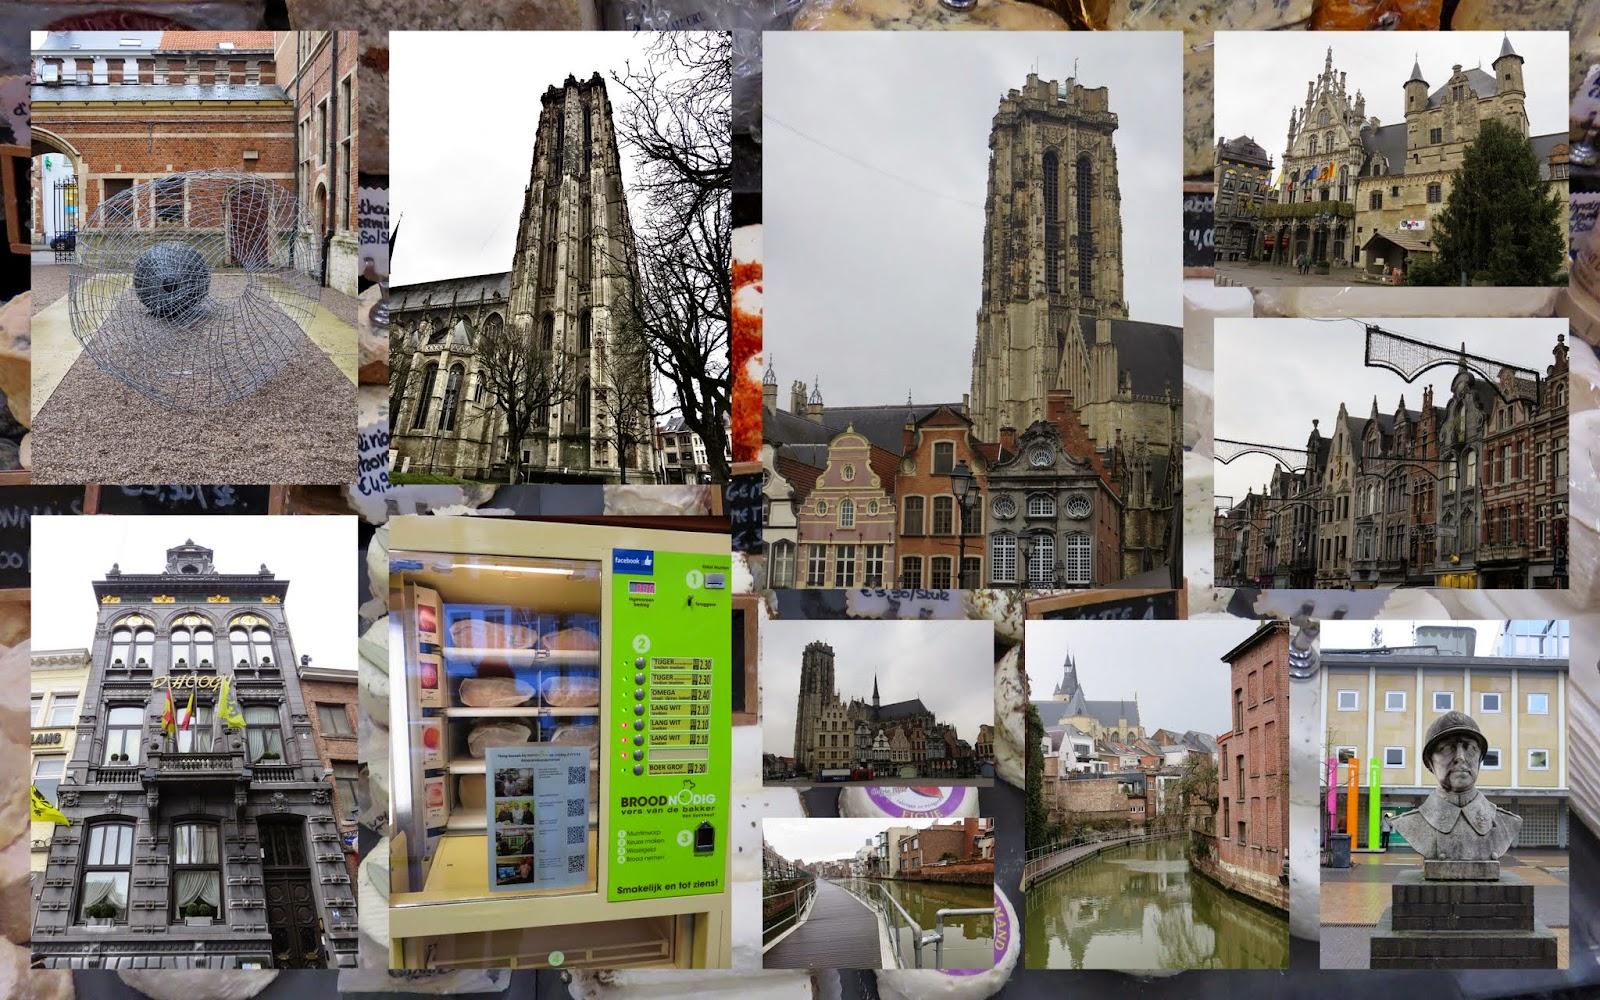 Hop off the train in Mechelen, Belgium